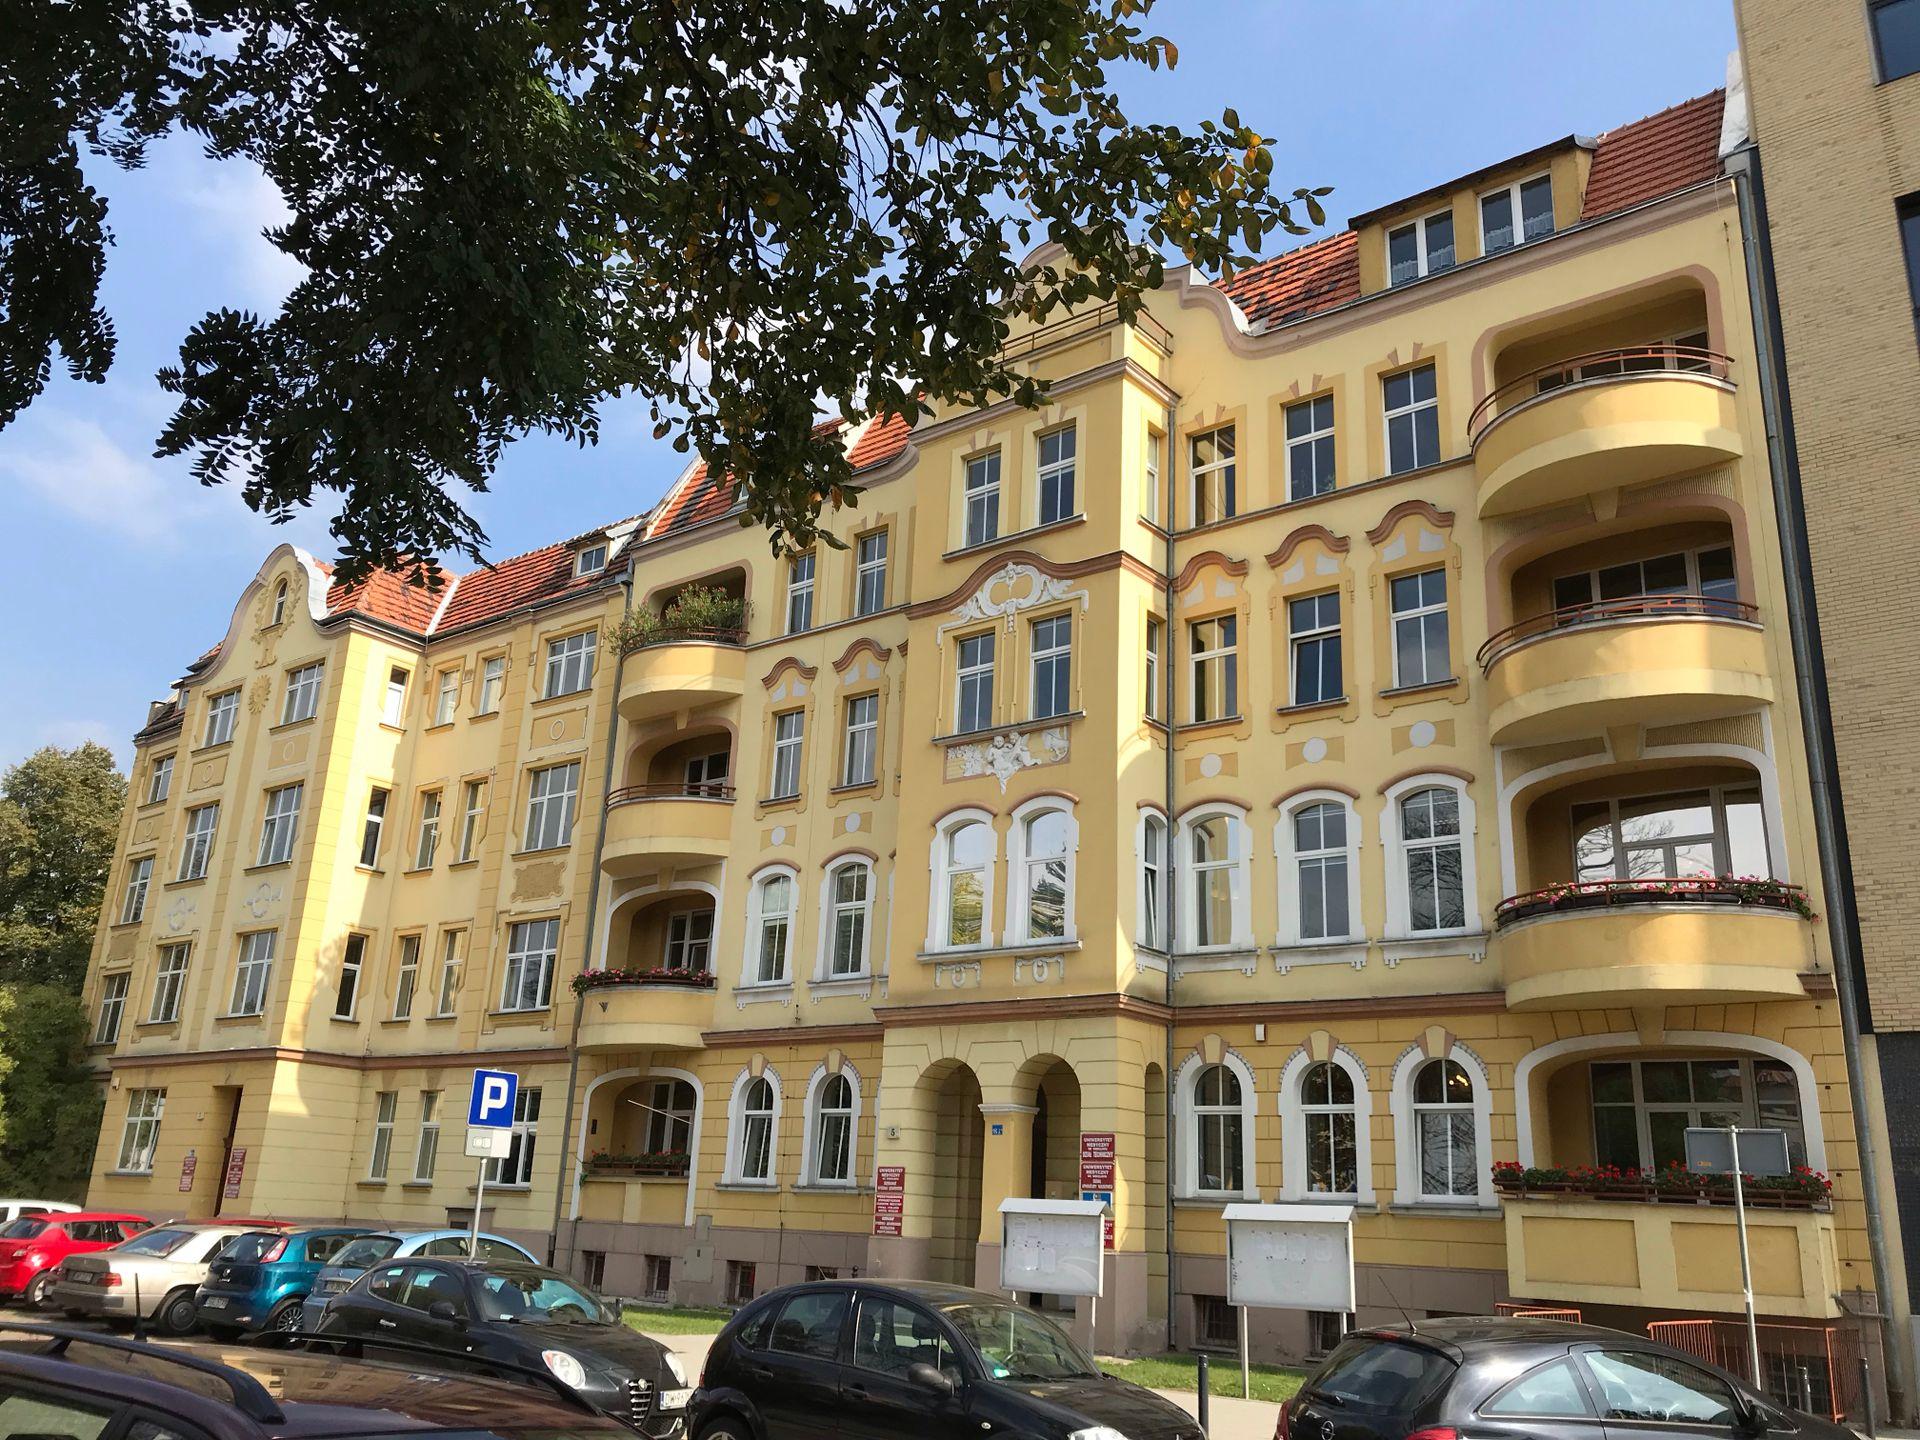 Wrocław: Uniwersytet Medyczny wyremontuje stuletnie kamienice na Placu Grunwaldzkim. Za kilkanaście milionów złotych